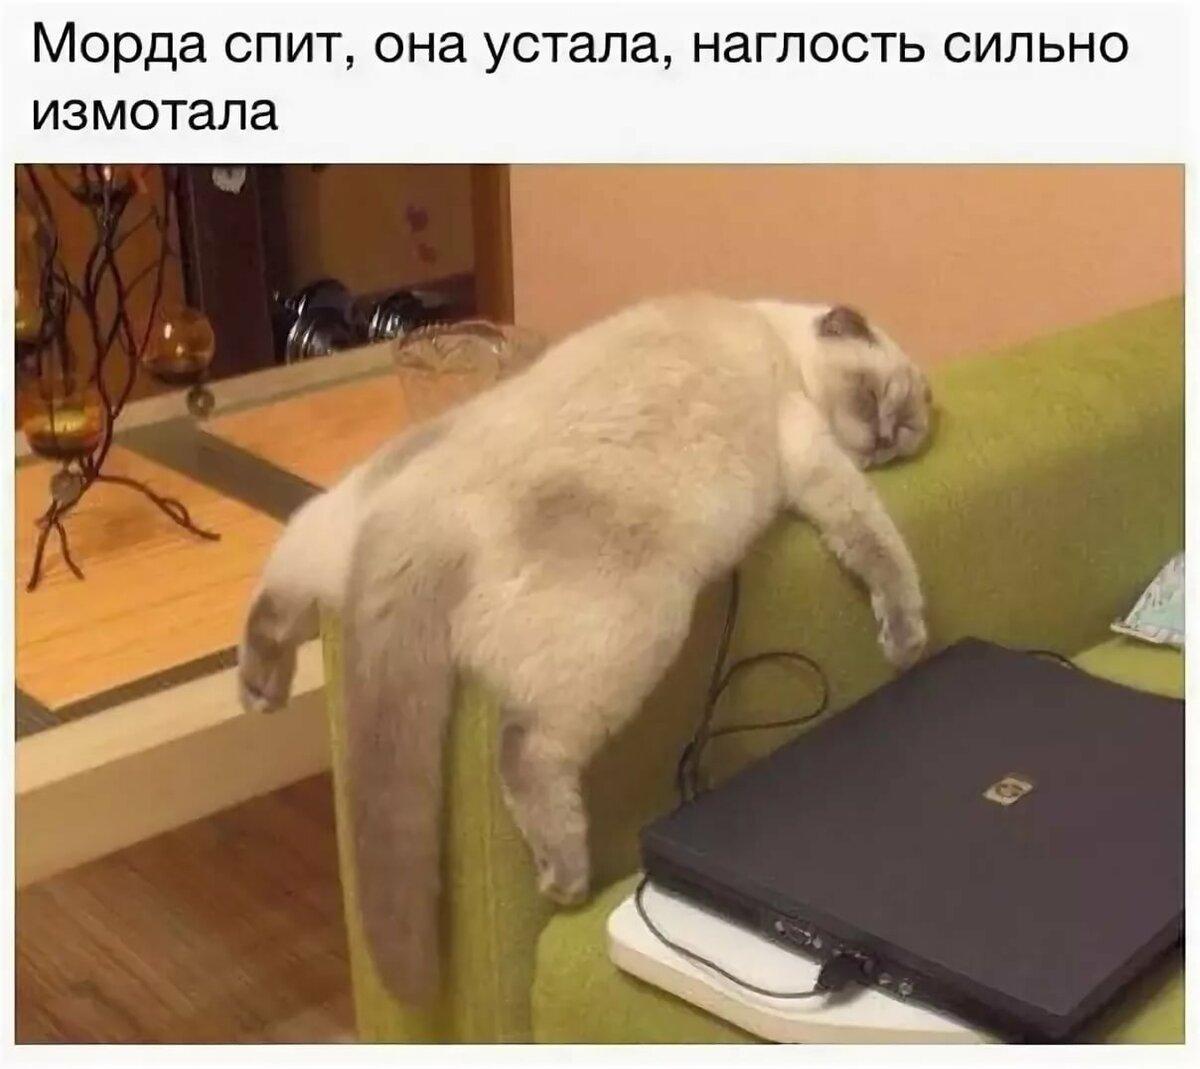 Мишками, когда работаешь по 12 часов прикольные картинки